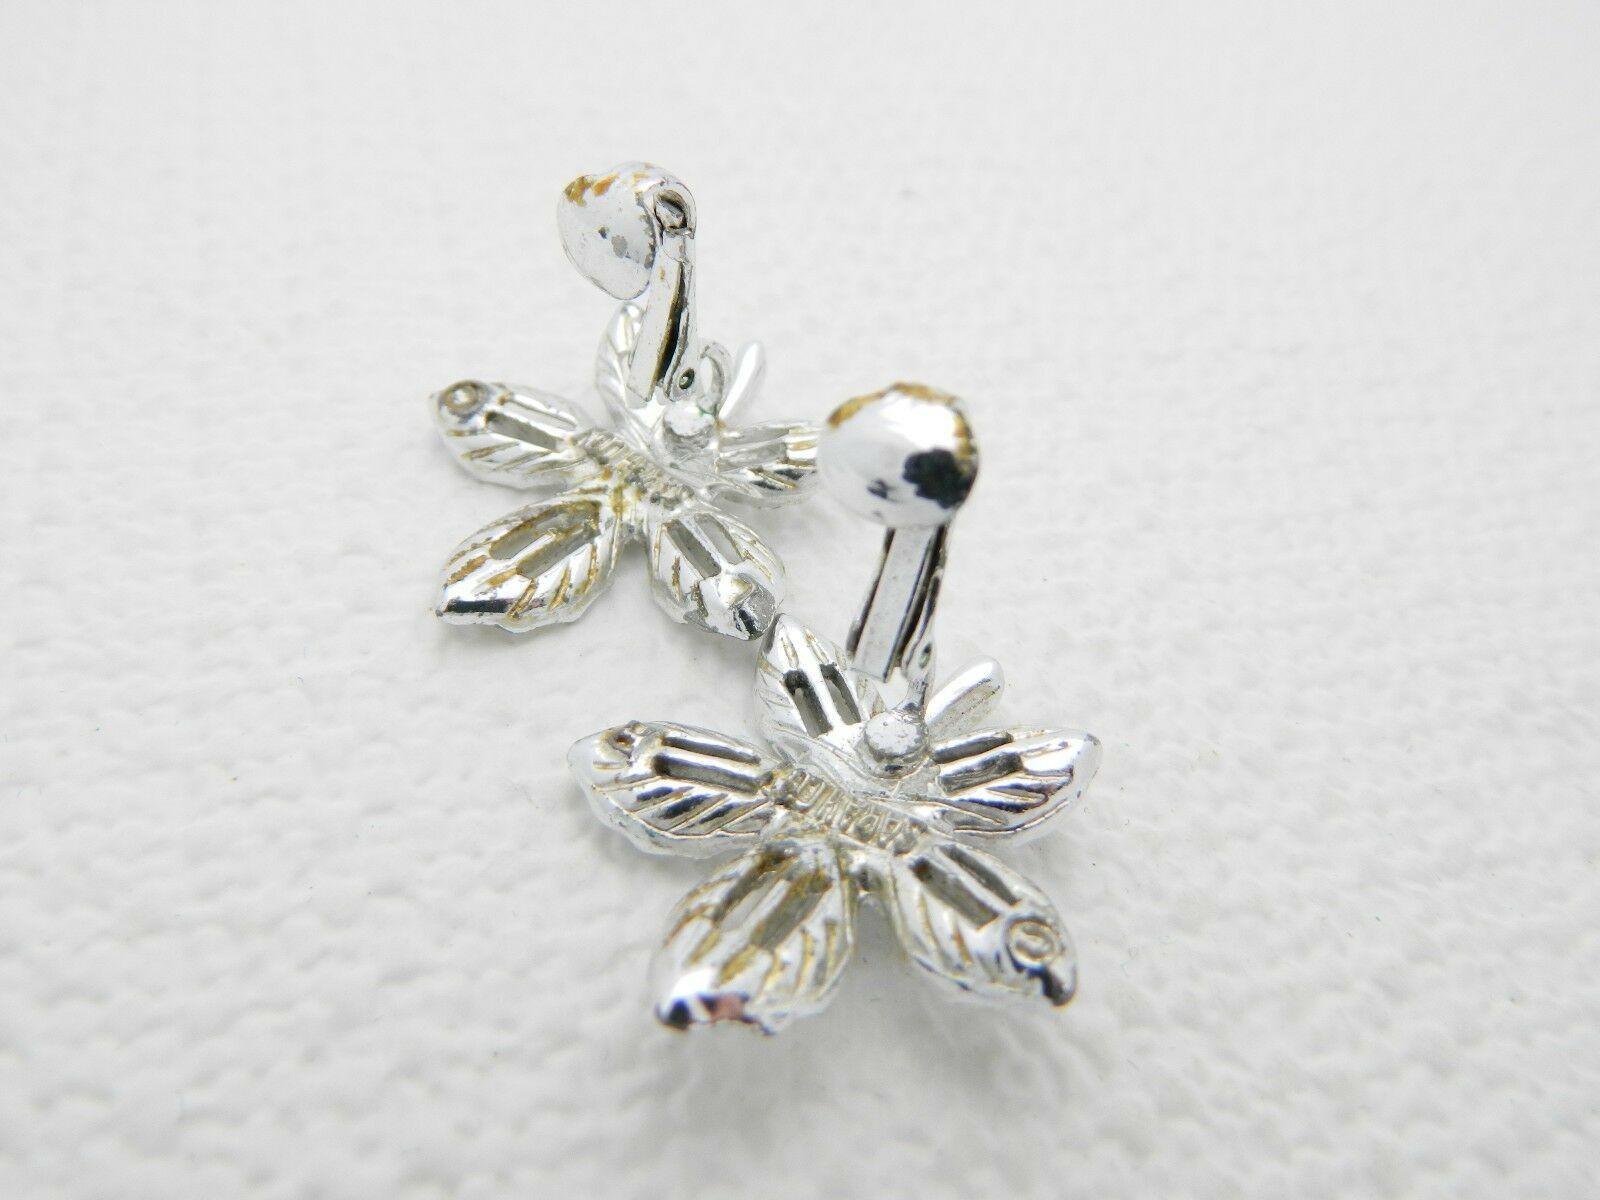 VTG SARAH COVentry Signed Silver Tone Flower Clip Earrings